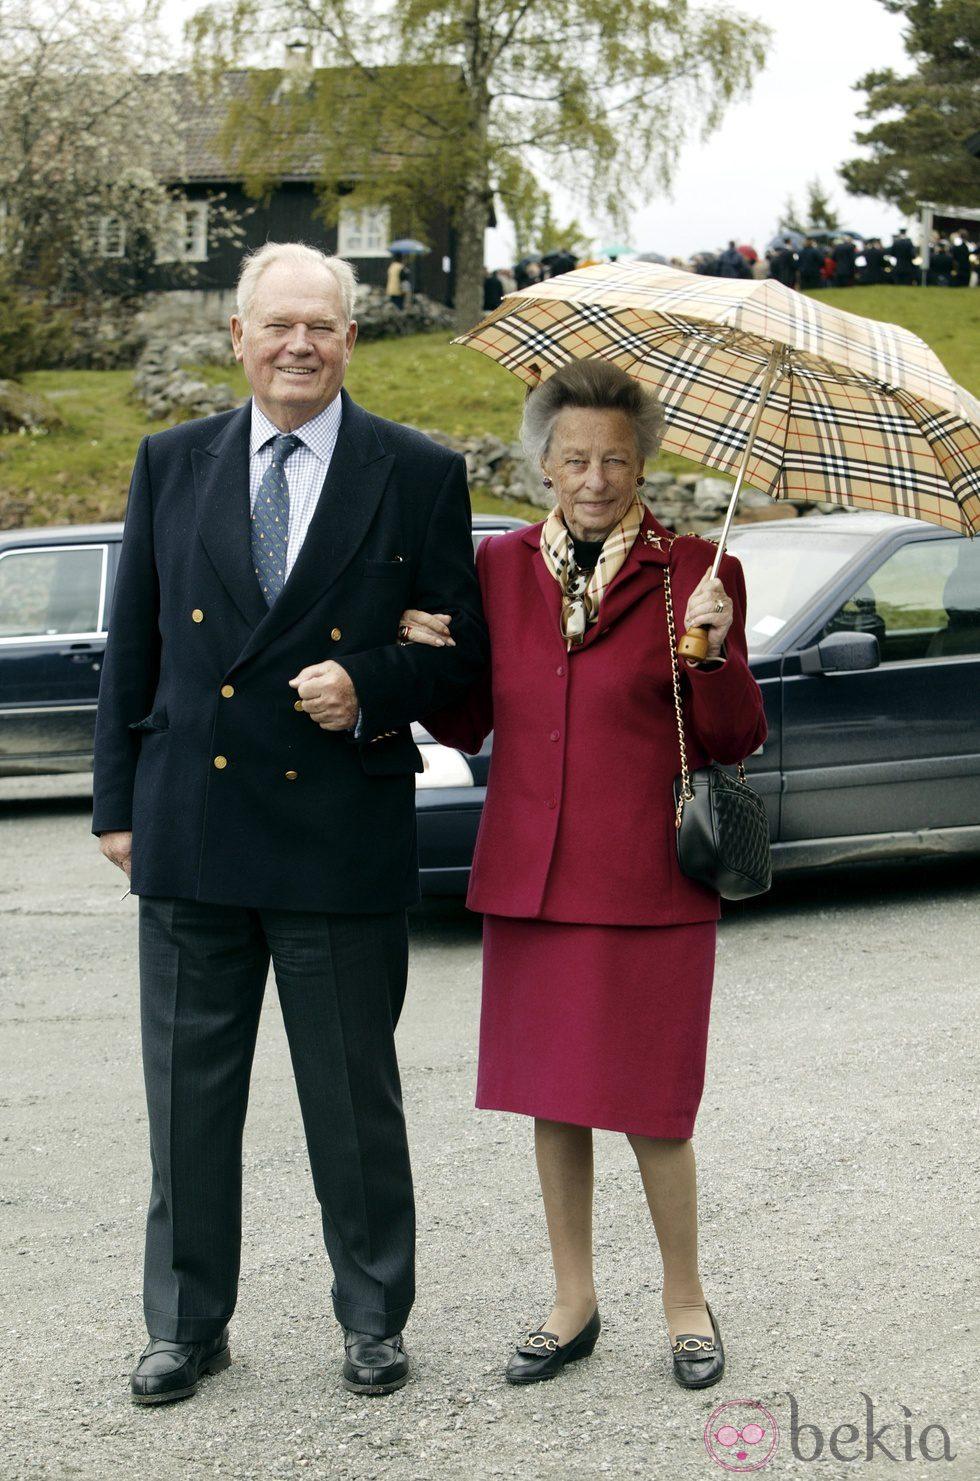 Erling Sven Lorentzen y Ragnhild de Noruega